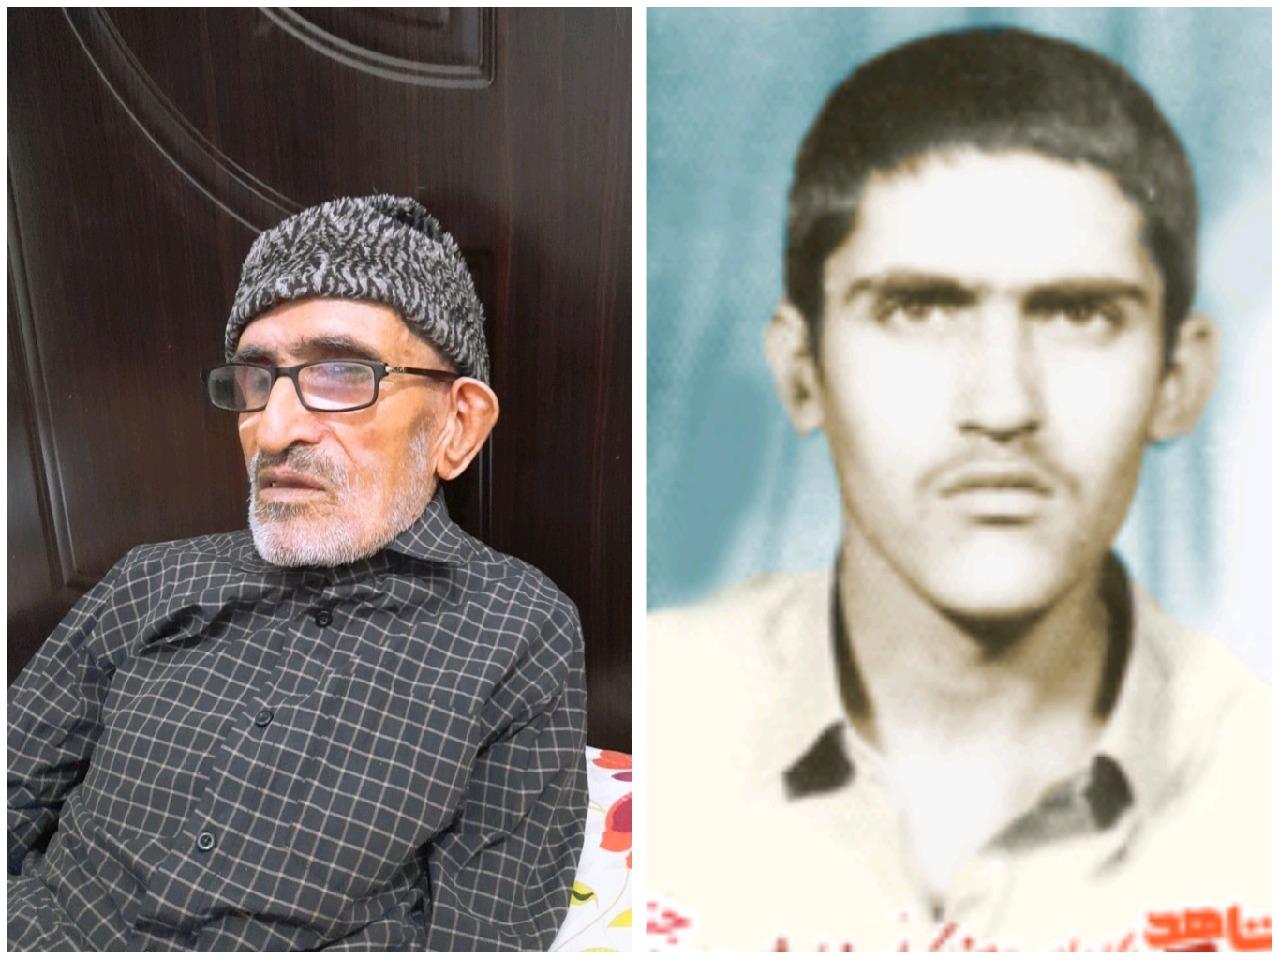 درگذشت پدر شهید علی بهرام پور در نهبندان